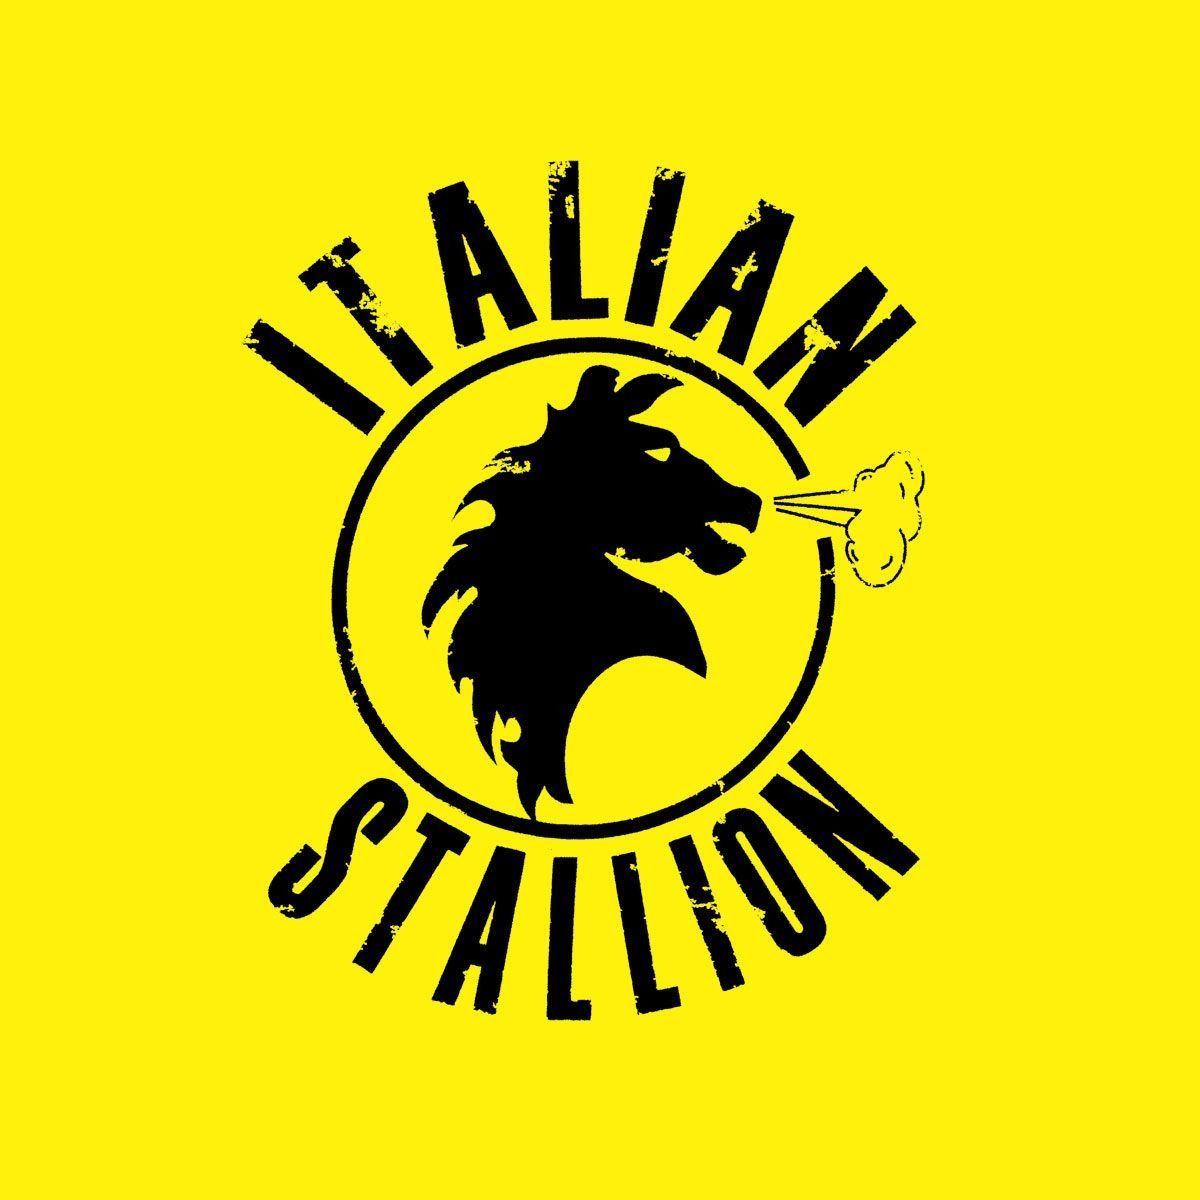 Resultado de imagen para ROCKY BALBOA FILADELFIA ITALIAN